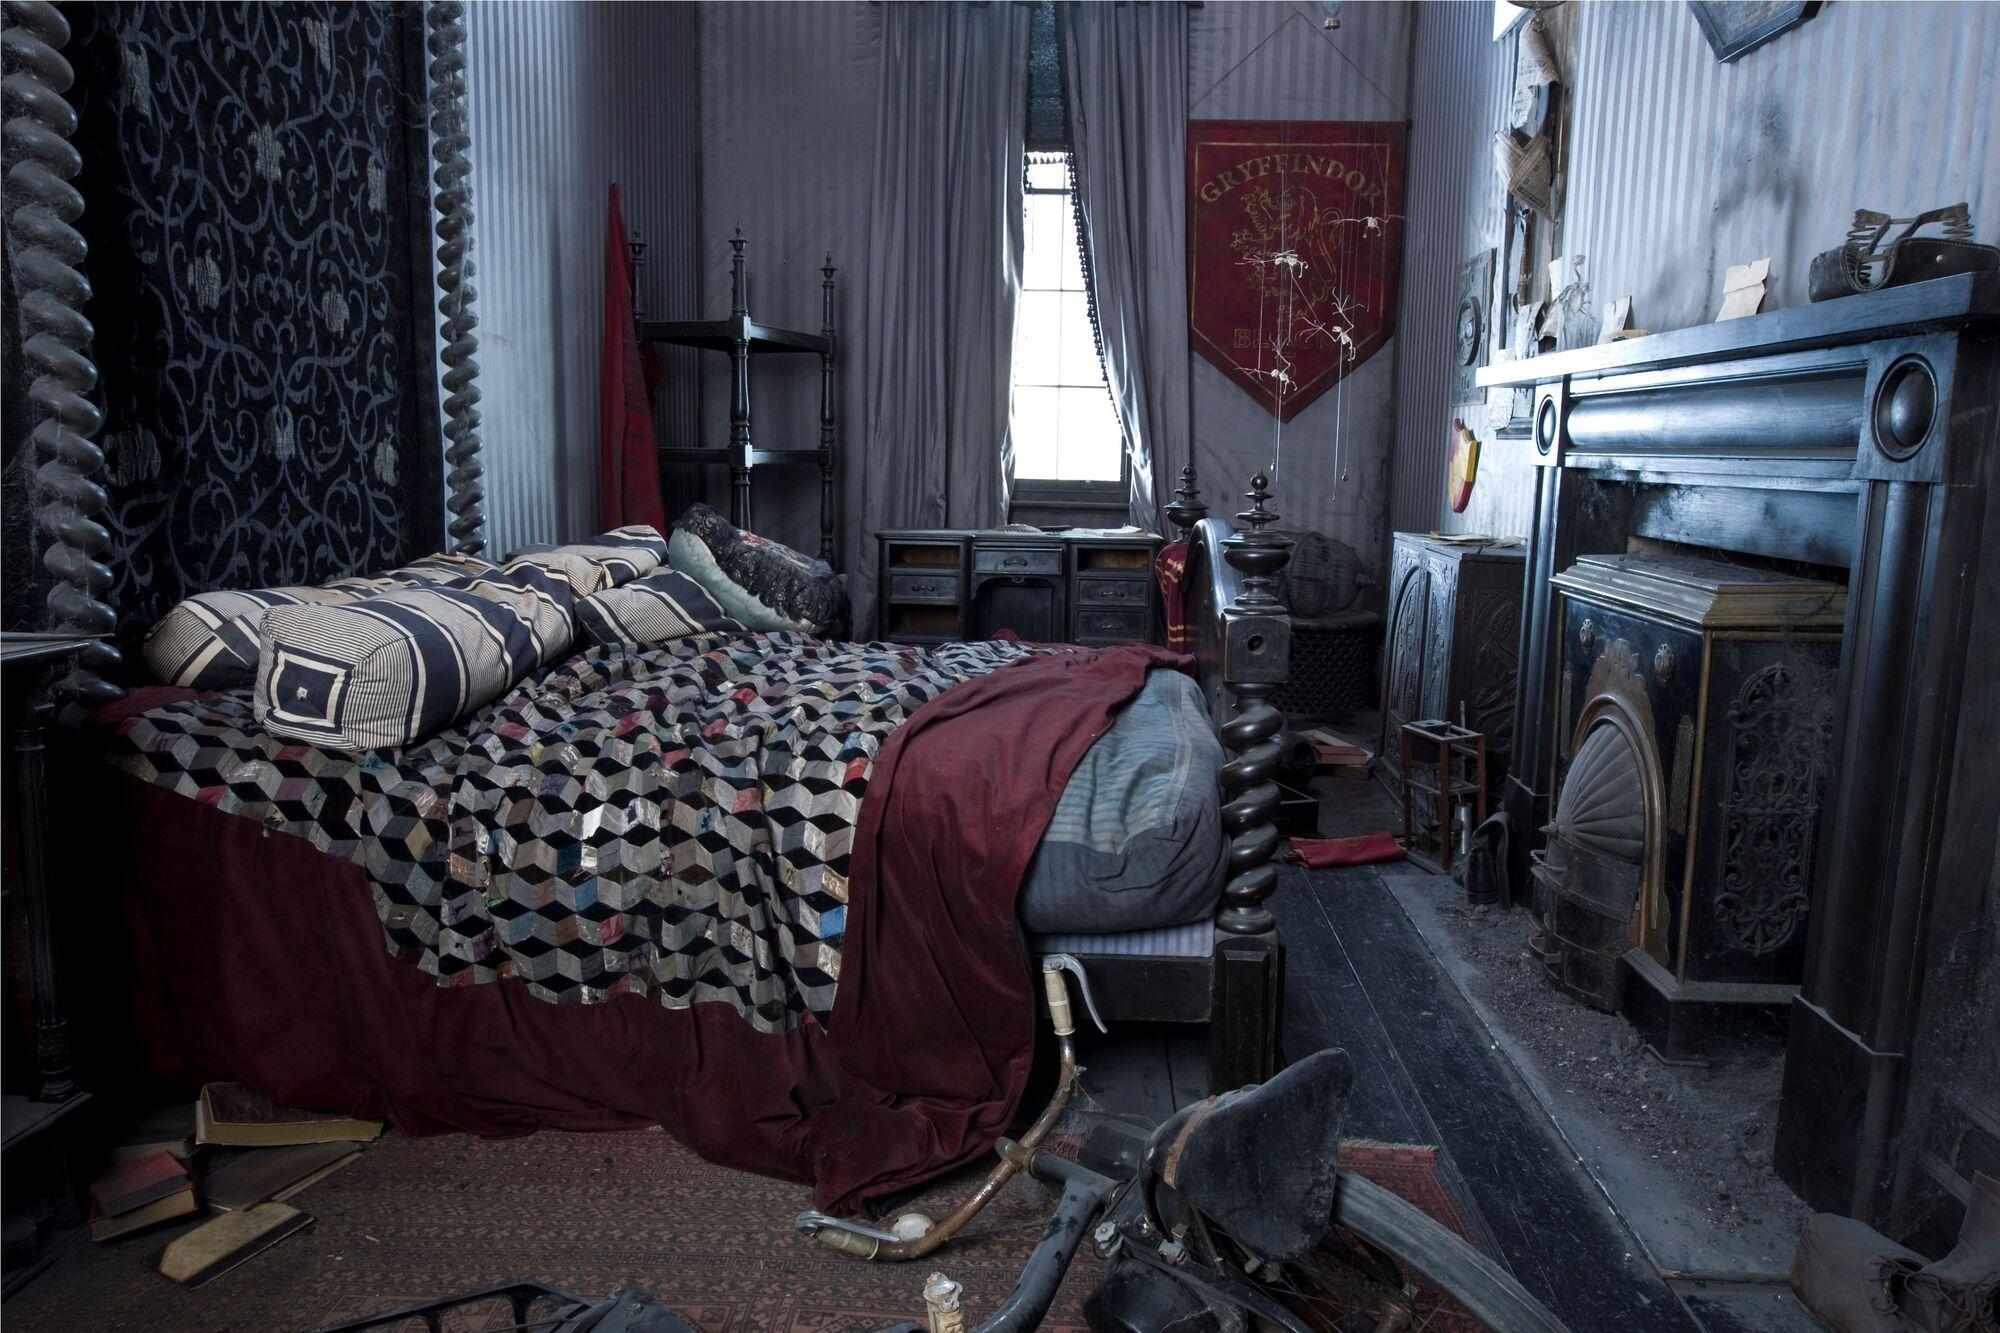 Тайная съемка в спальне 7 фотография